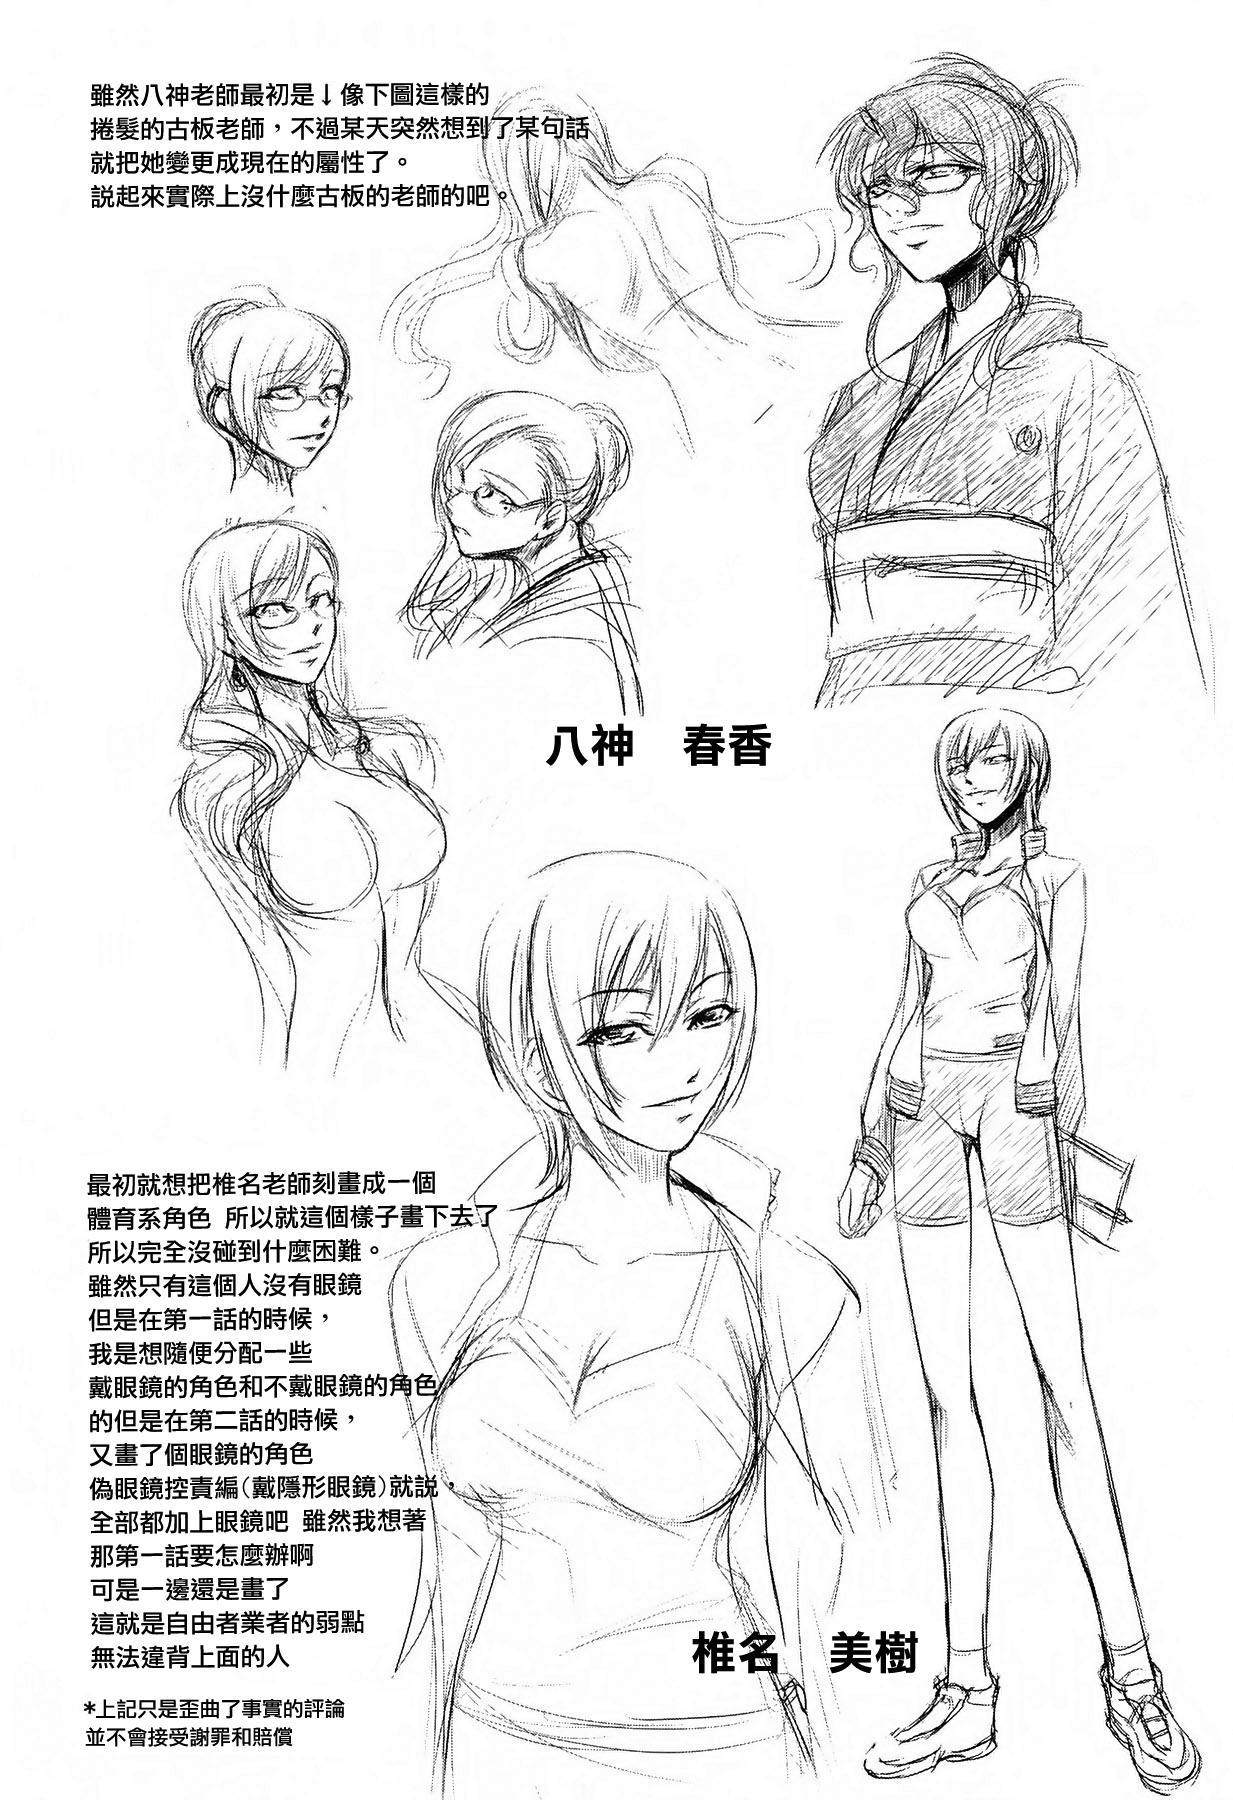 Onna Kyoushi no Renai Jijou 215